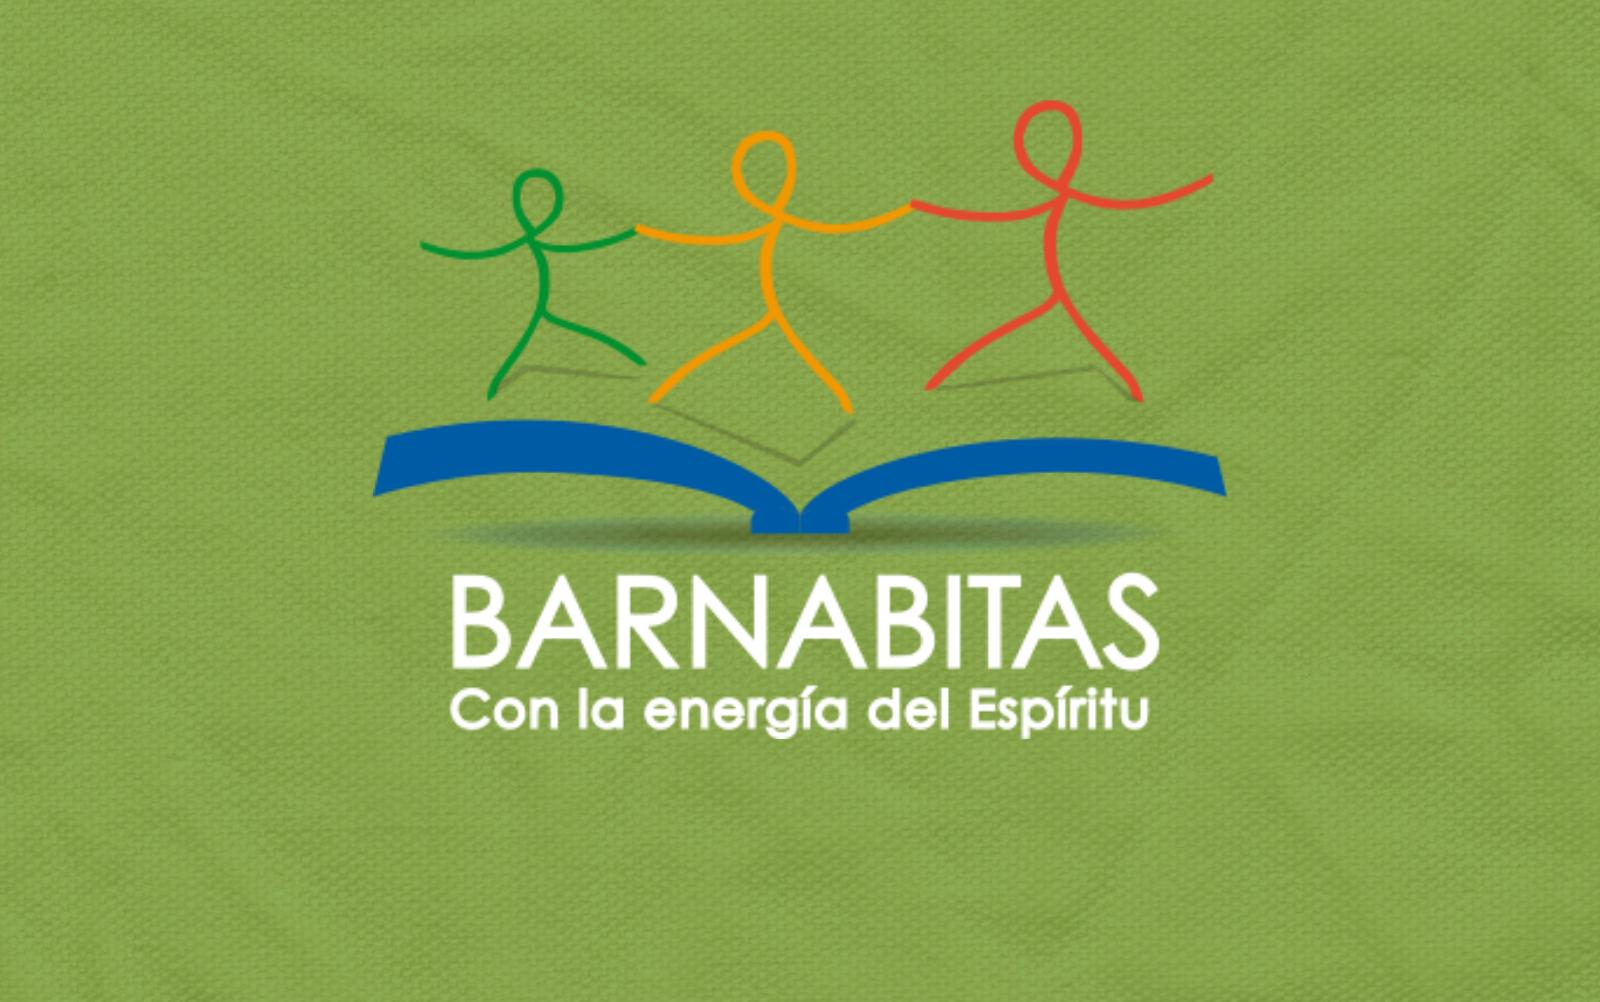 COMUNIDAD BARNABITA